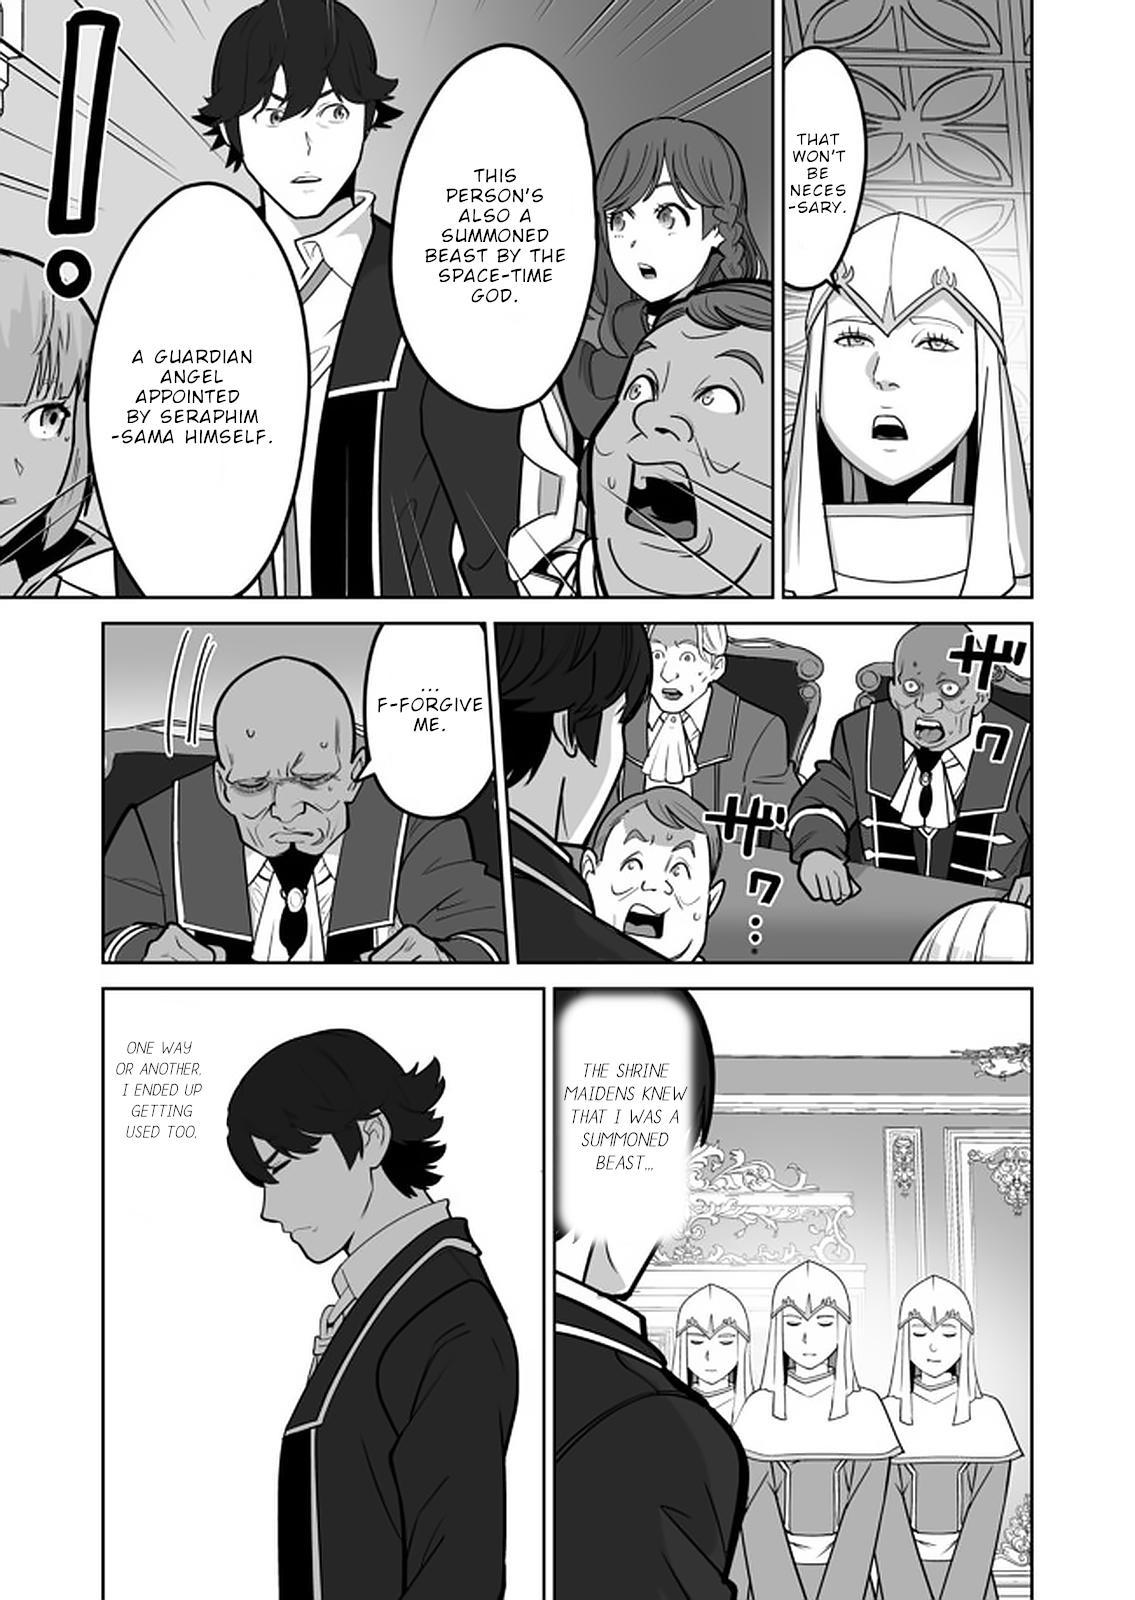 Sen No Sukiru O Motsu Otoko Chapter 36 page 6 - Mangakakalots.com